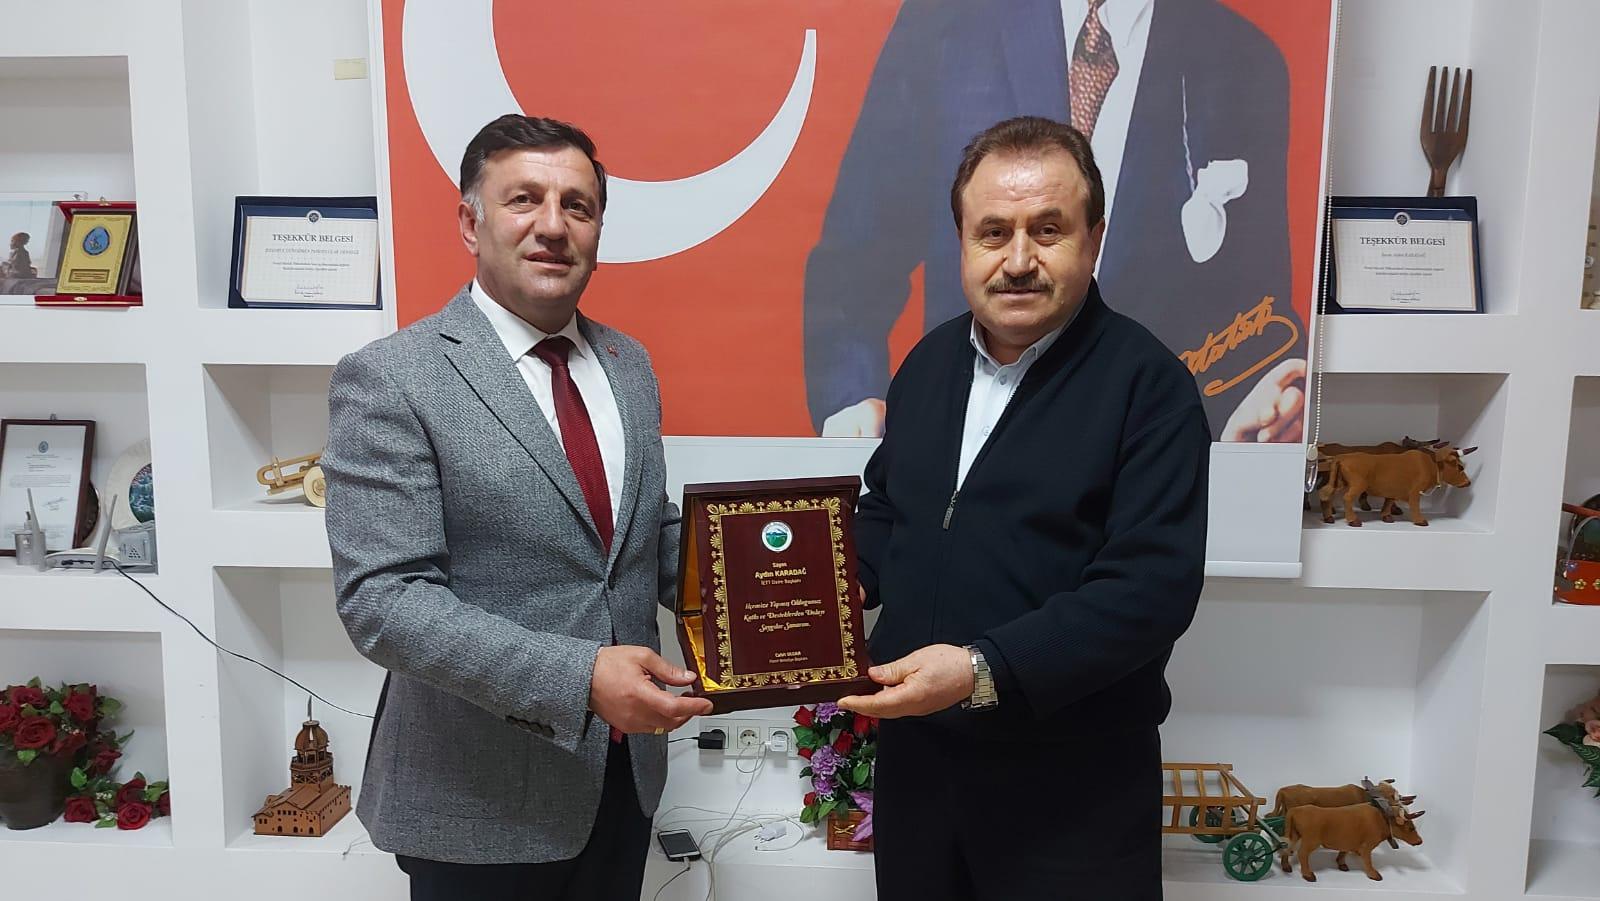 Posoflulara, Belediye Başkanları Cahit Ulgar'dan Teşekkür ve Tebrik geldi